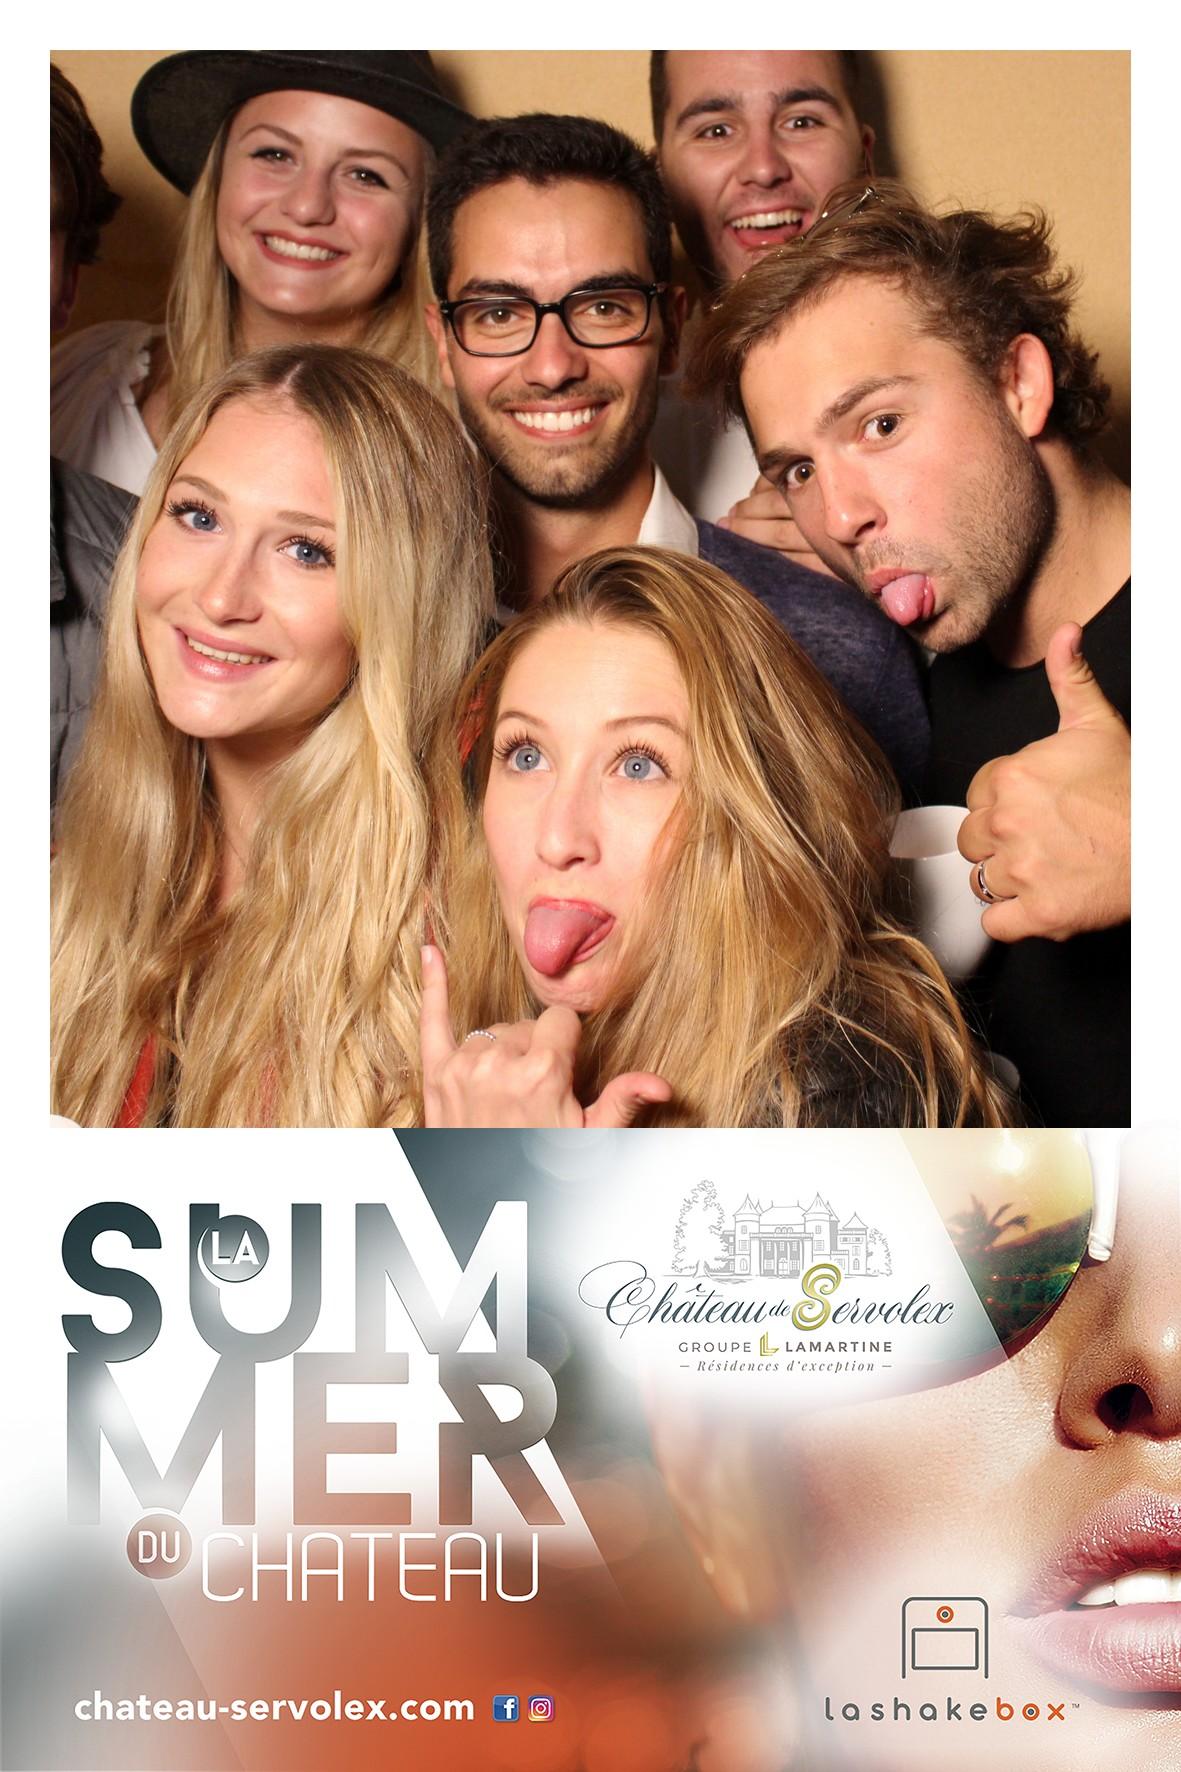 EVENT : Les Summers Du Chateau